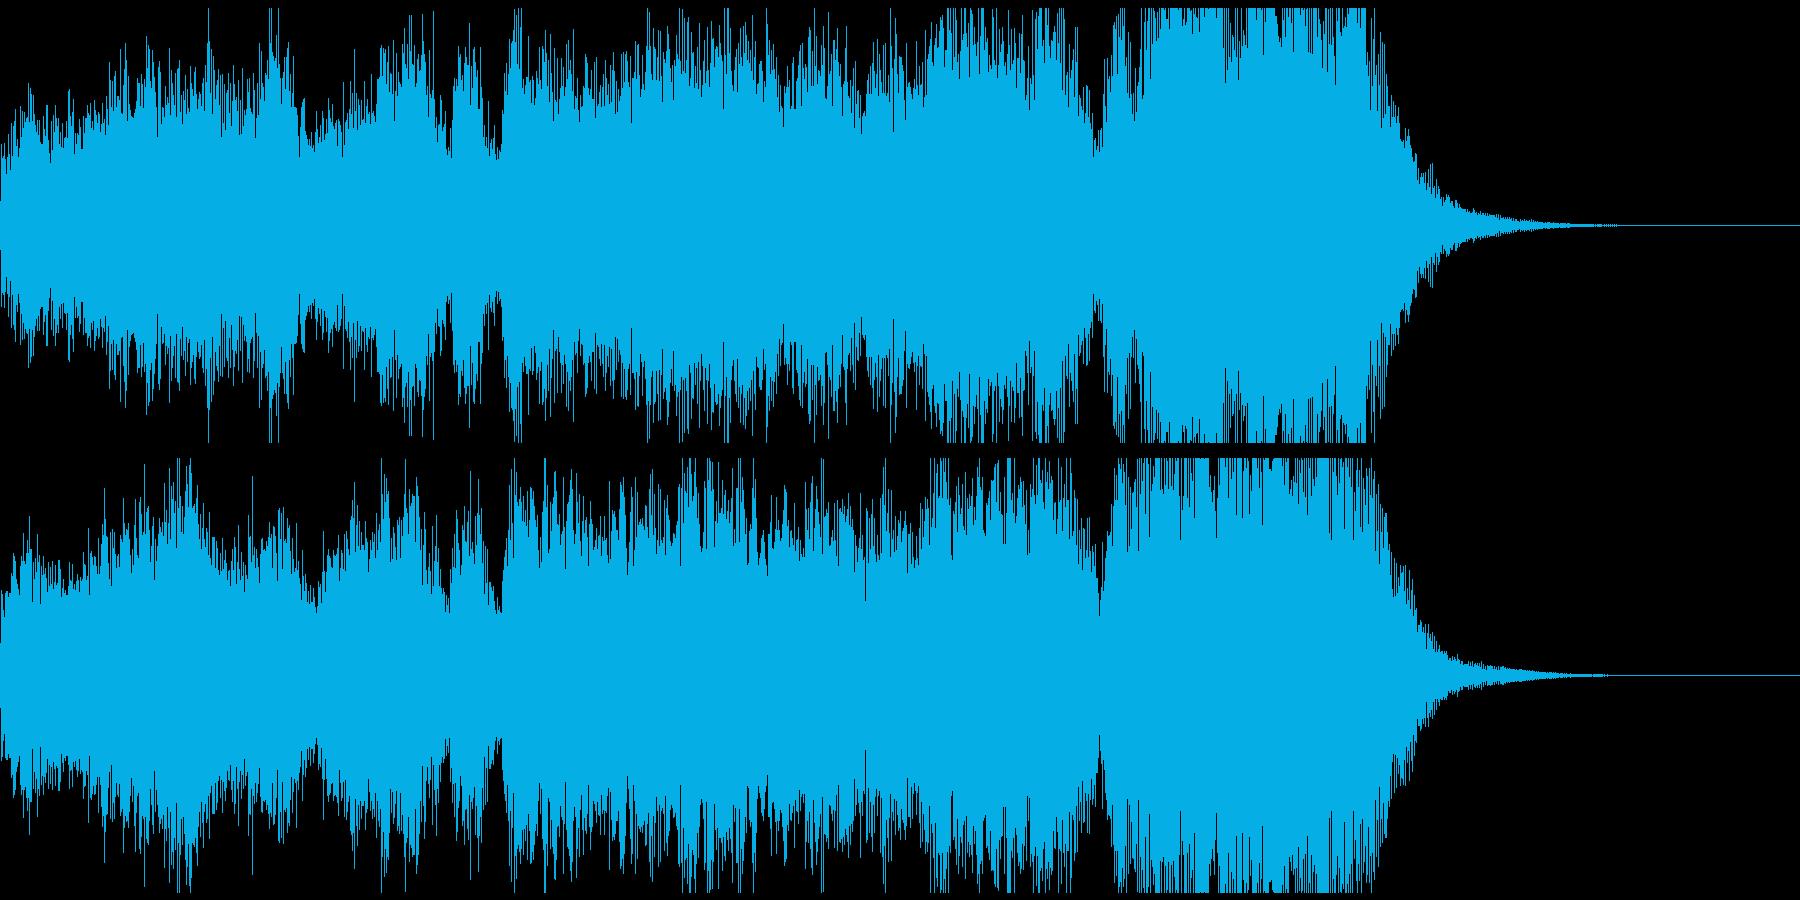 明るく華やかなフルオーケストラジングルの再生済みの波形